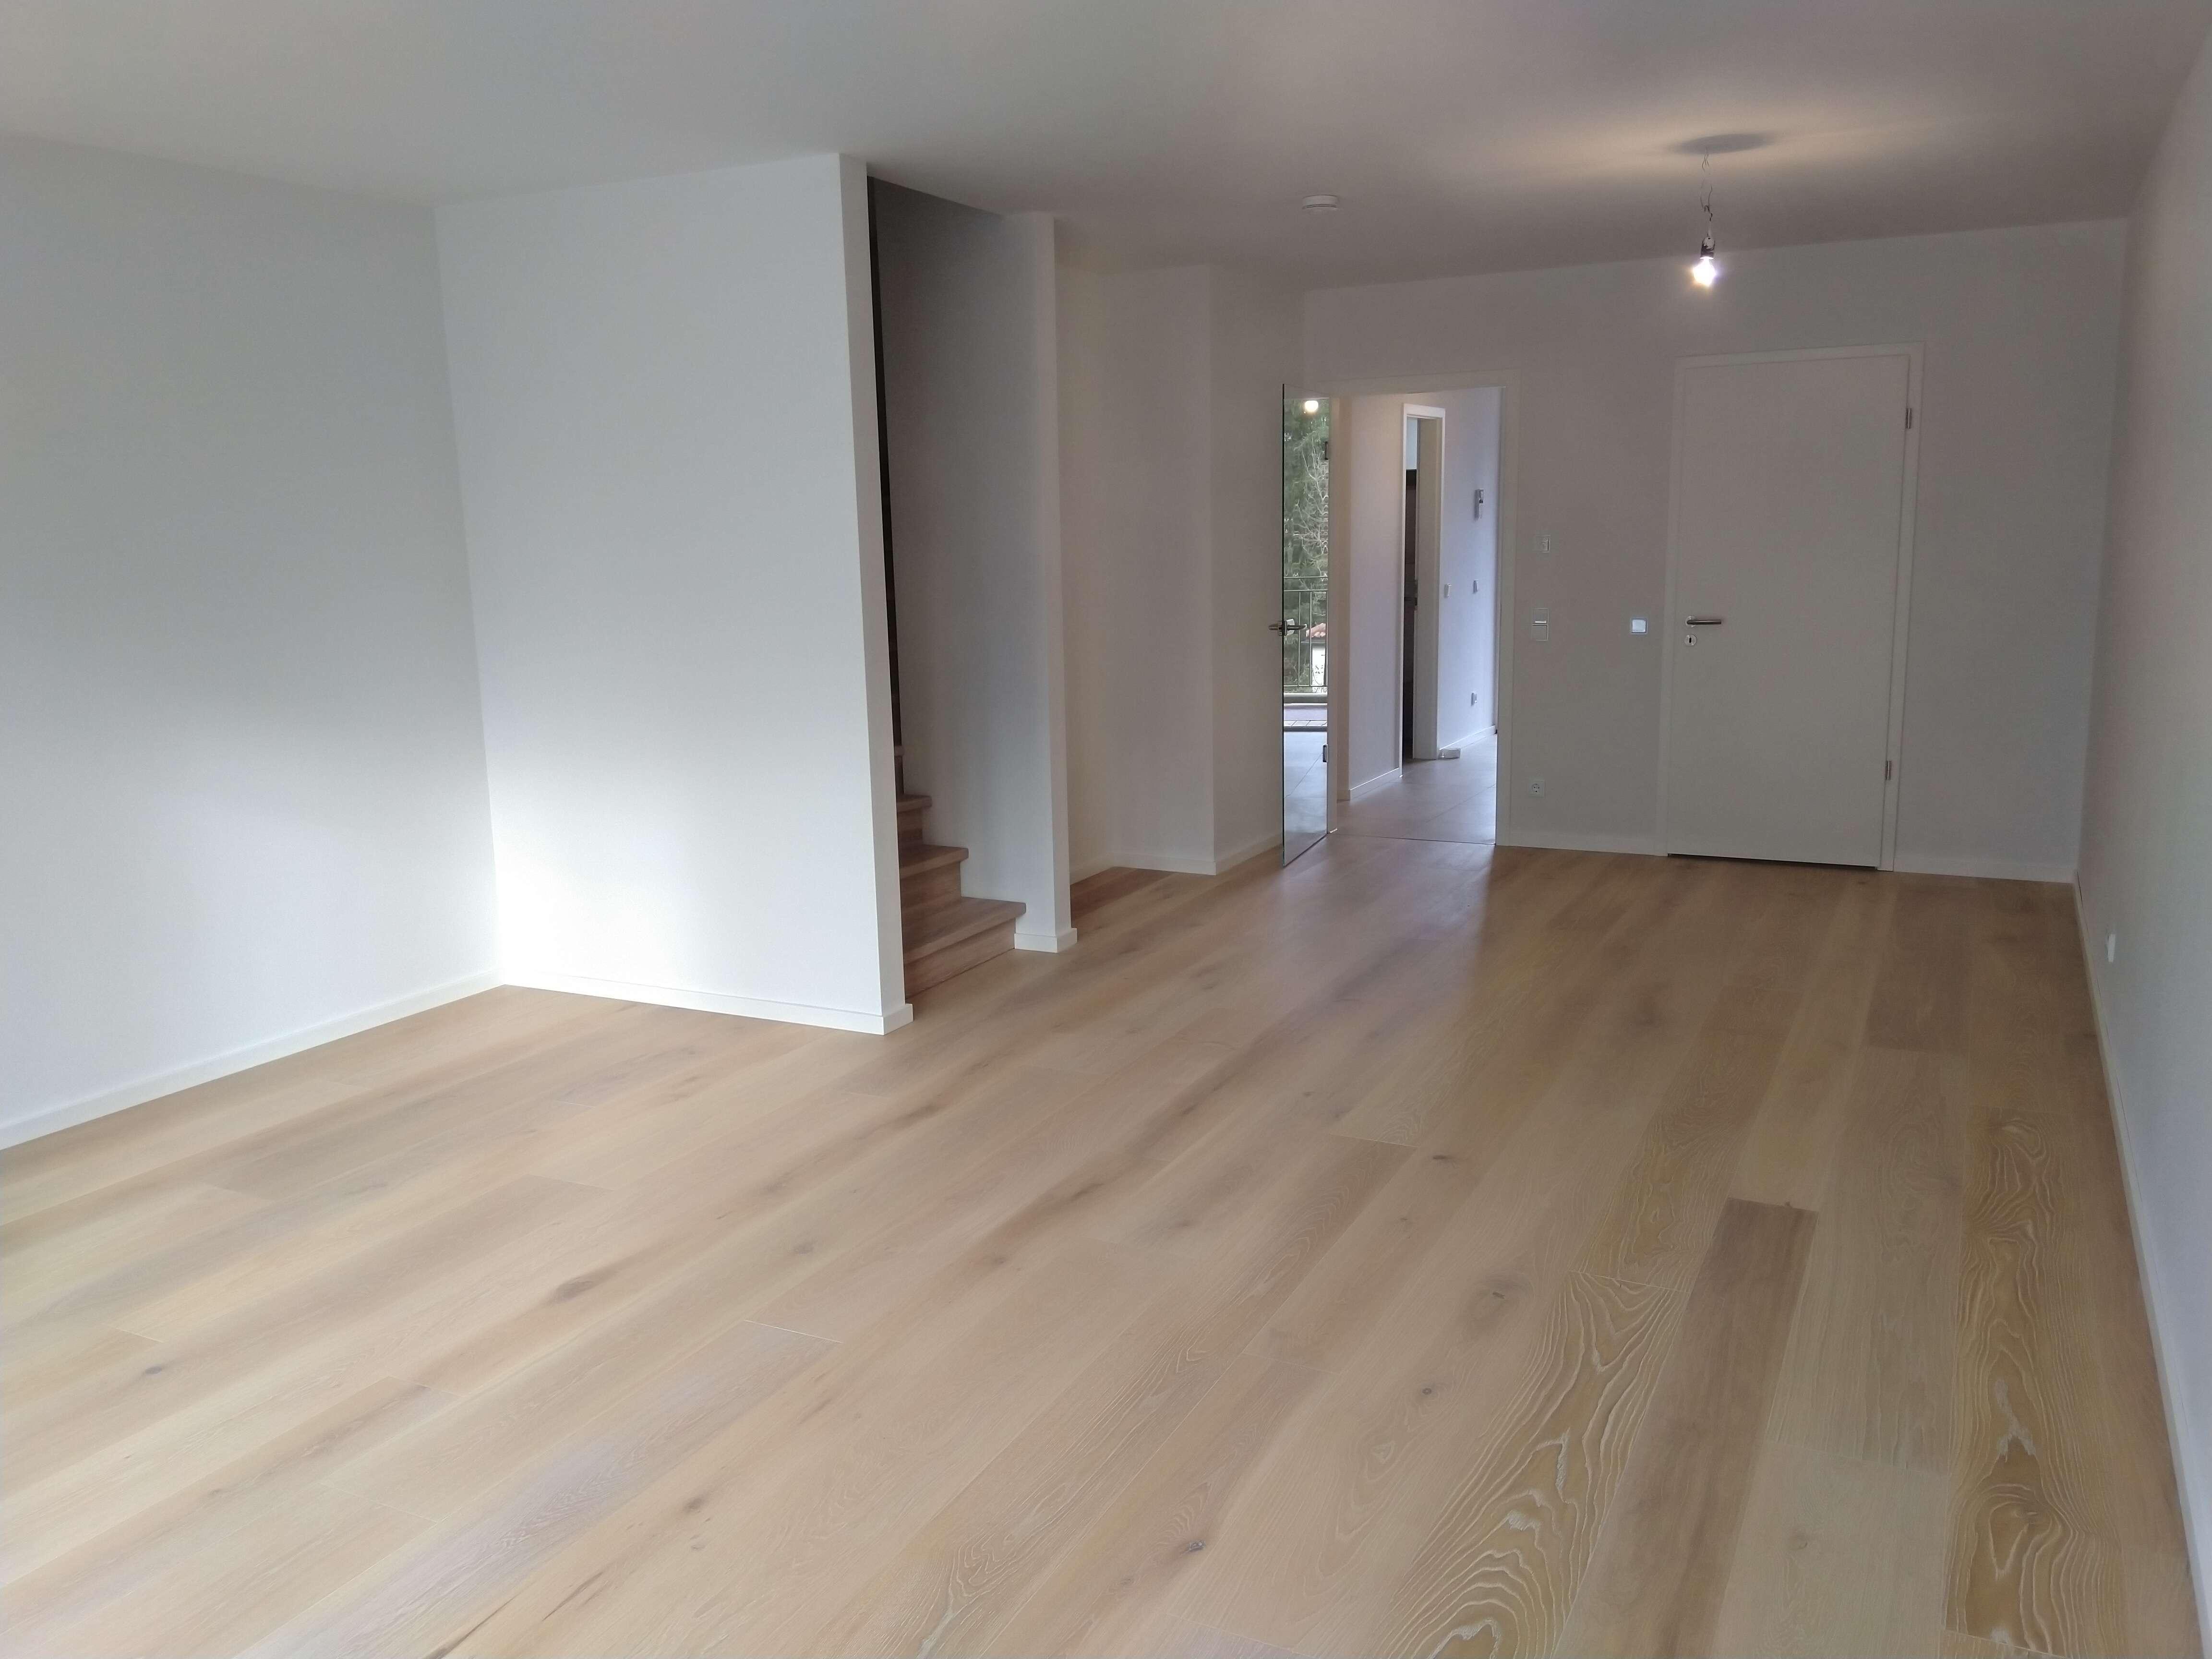 Erstbezug! 3-geschossige Maisonette-Wohnung im Townhous-Stil AB SOFORT zu vermieten in Obergiesing (München)